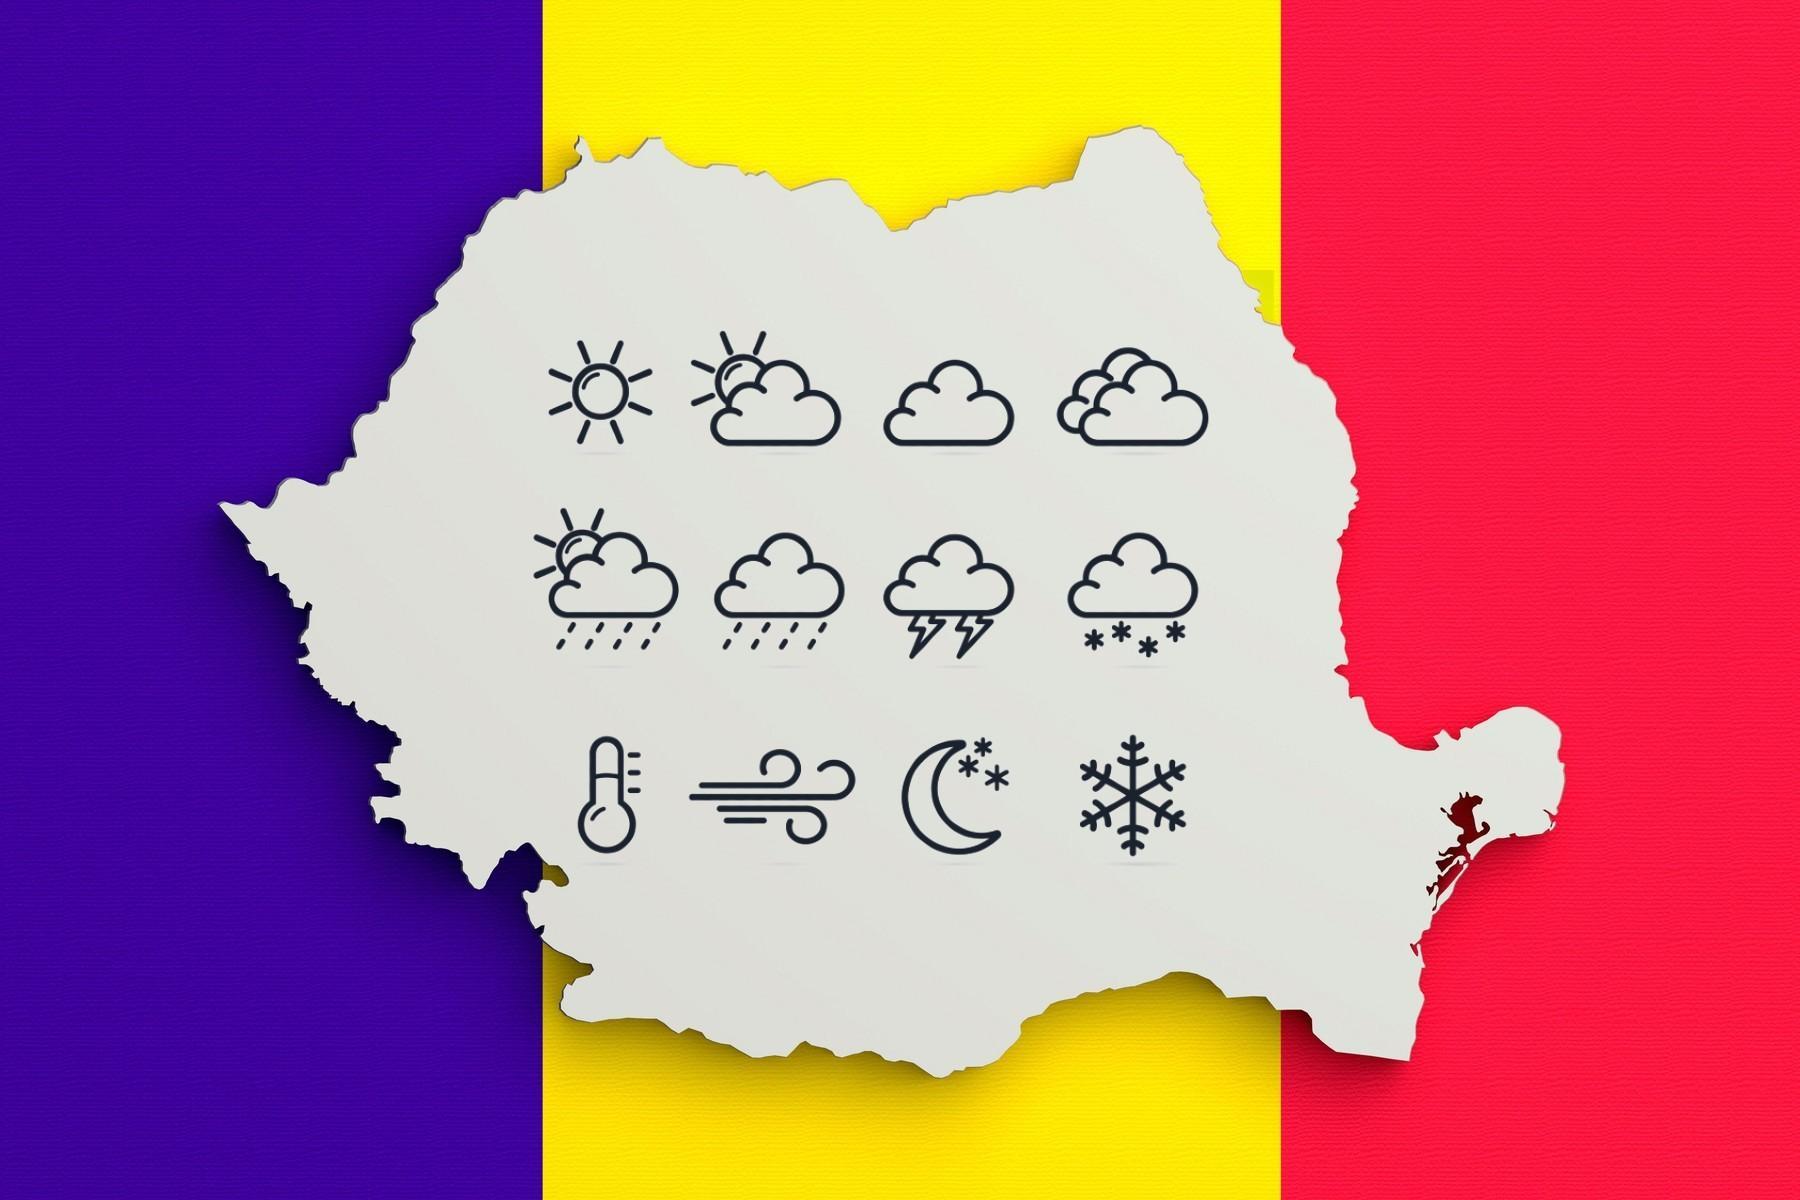 Prognoza meteo 27 ianuarie 2021. Cum e vremea în România și care sunt previziunile ANM pentru astăzi